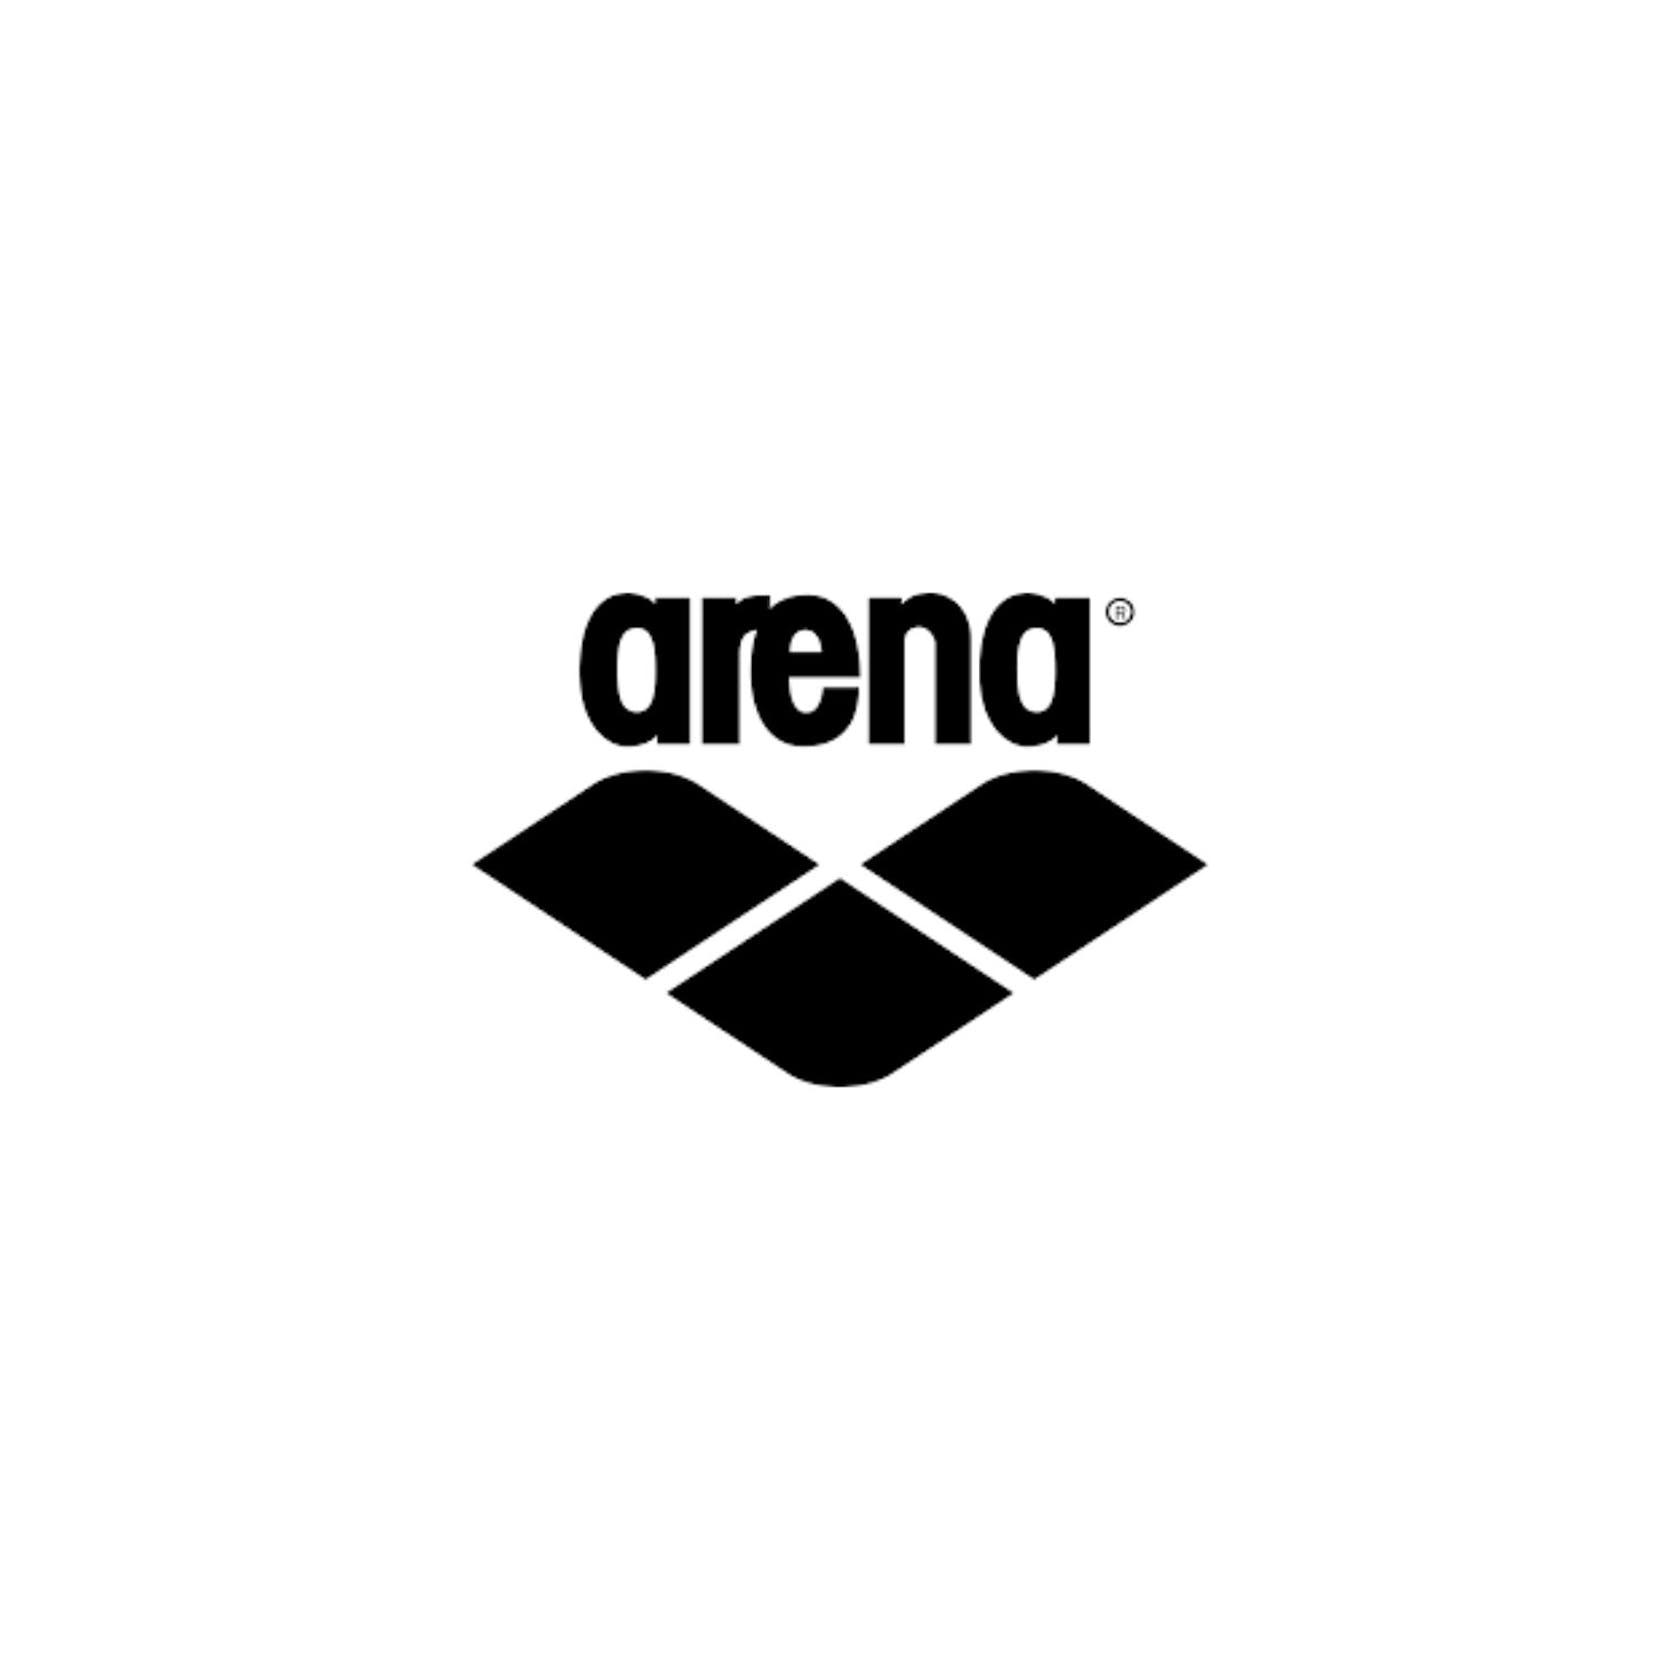 Arena SPORTLER Onlineshop